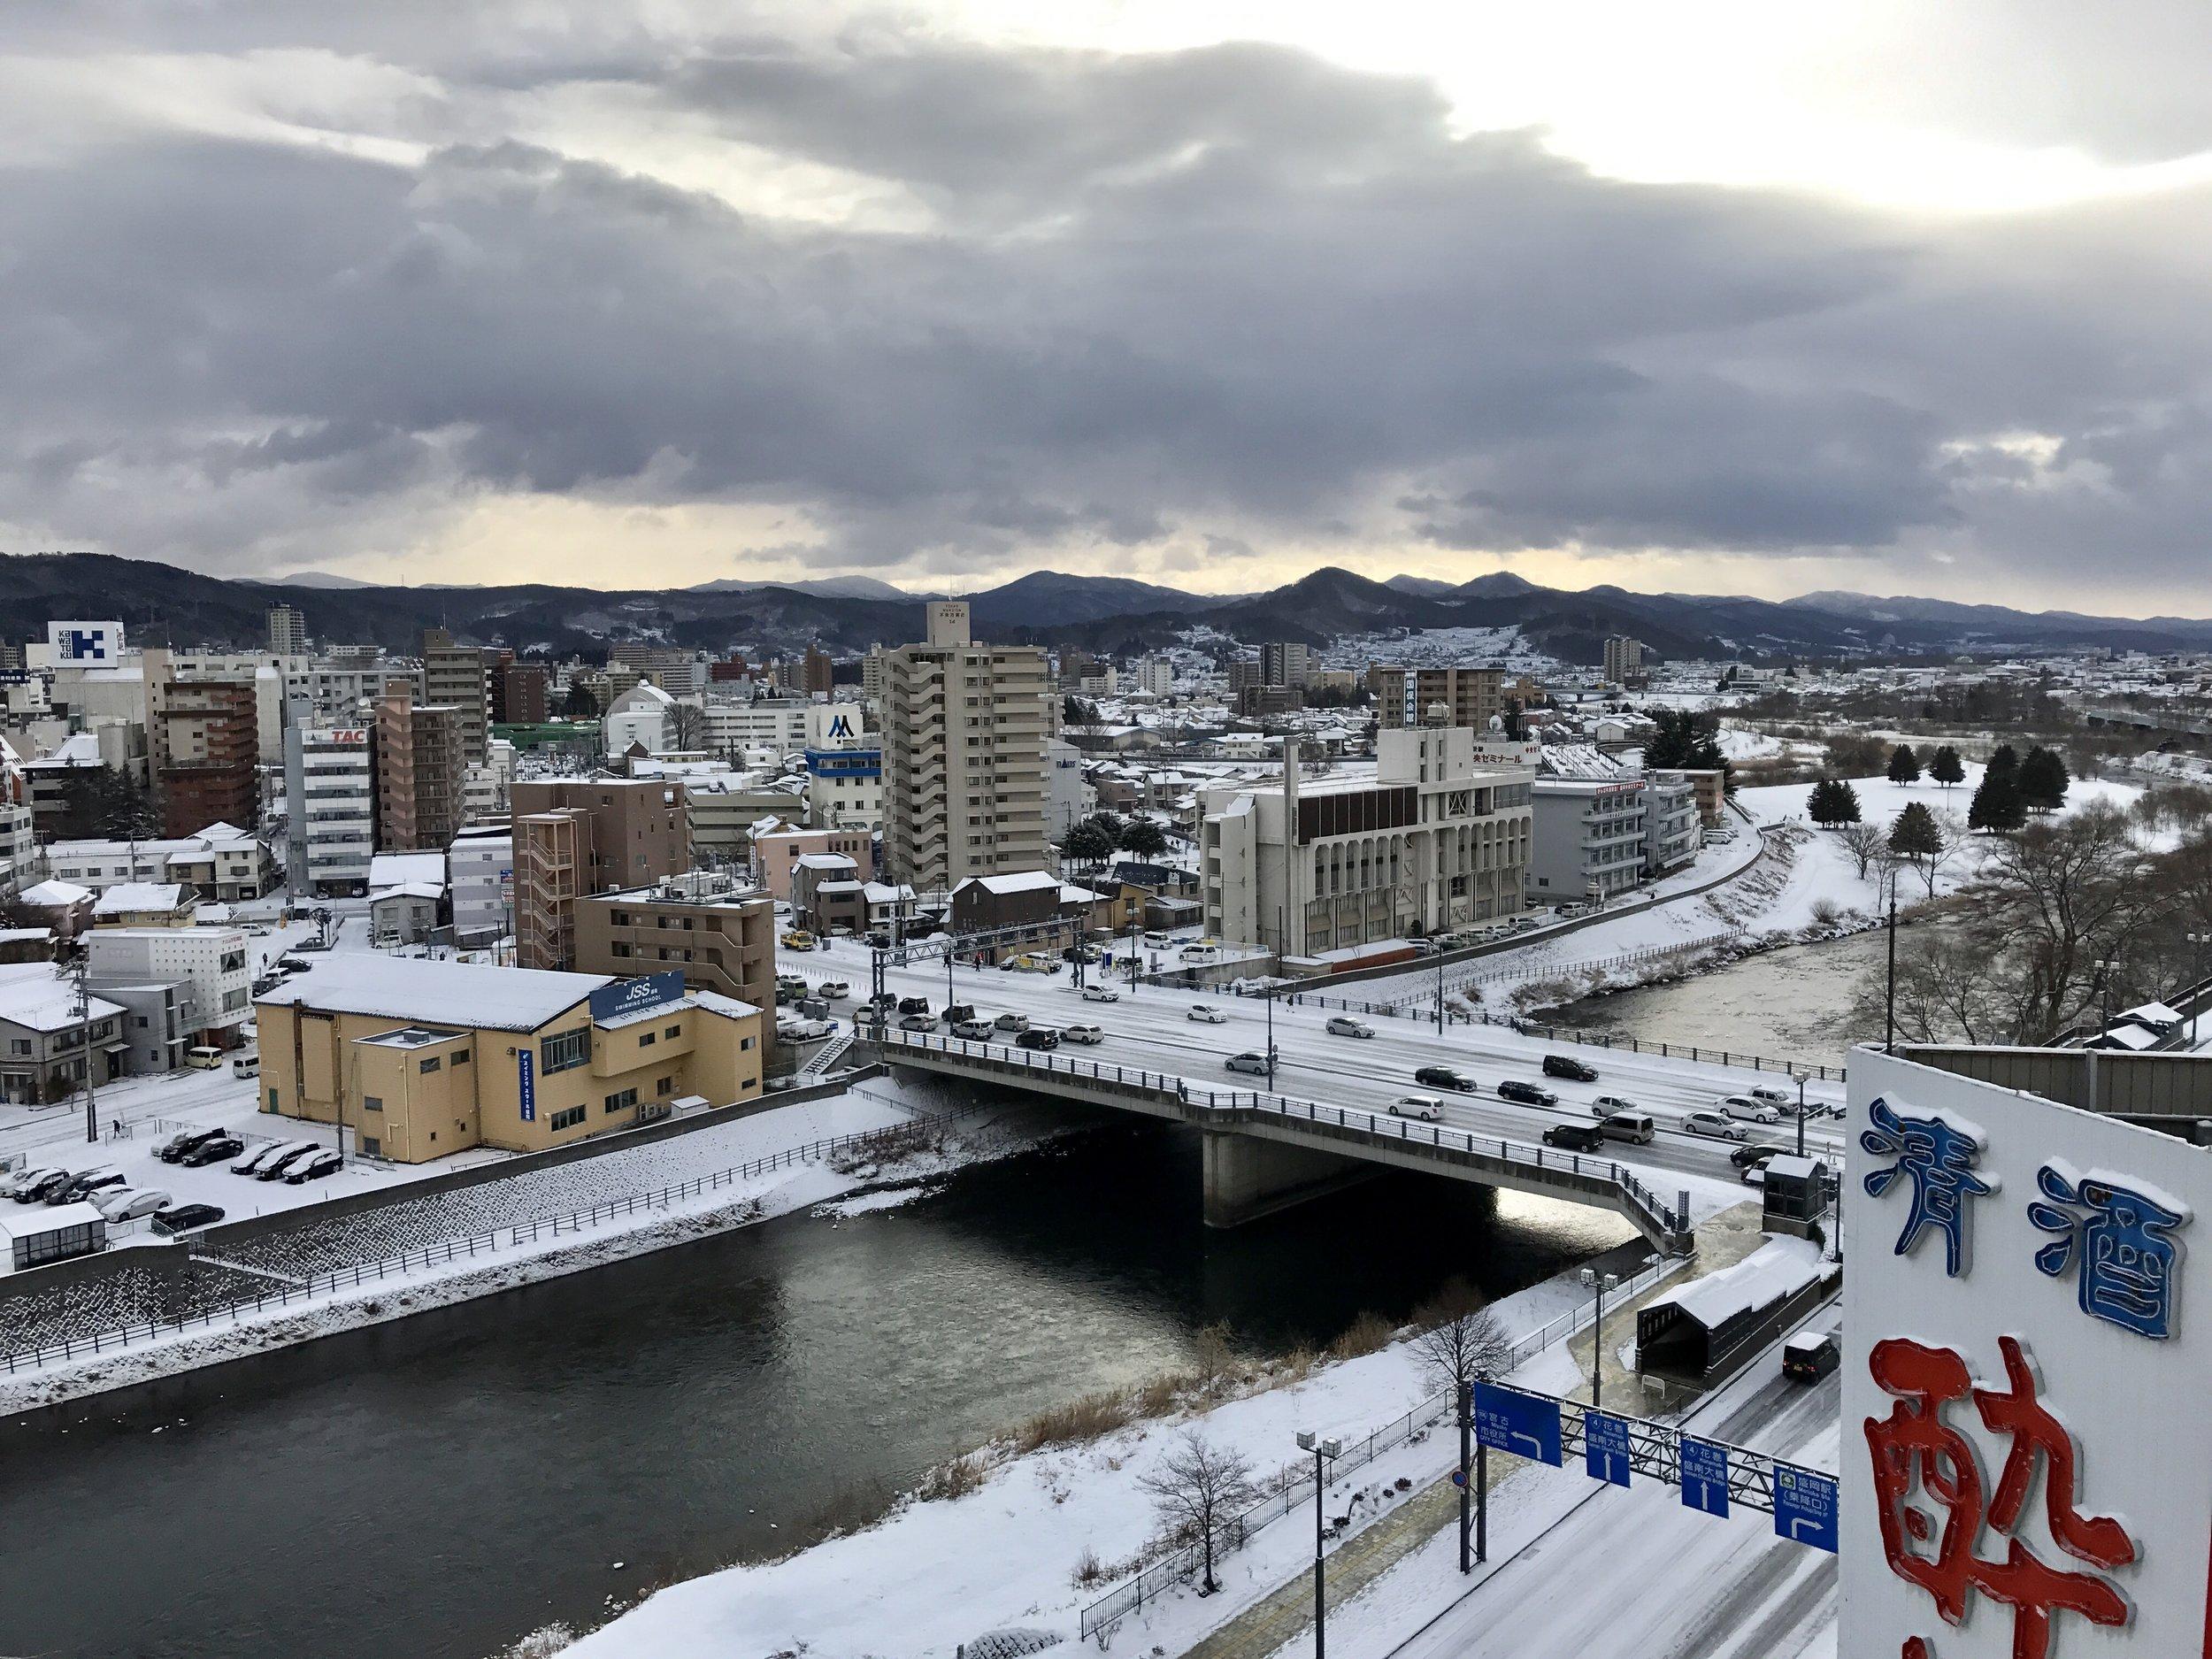 Downtown Morioka, -4 C atm